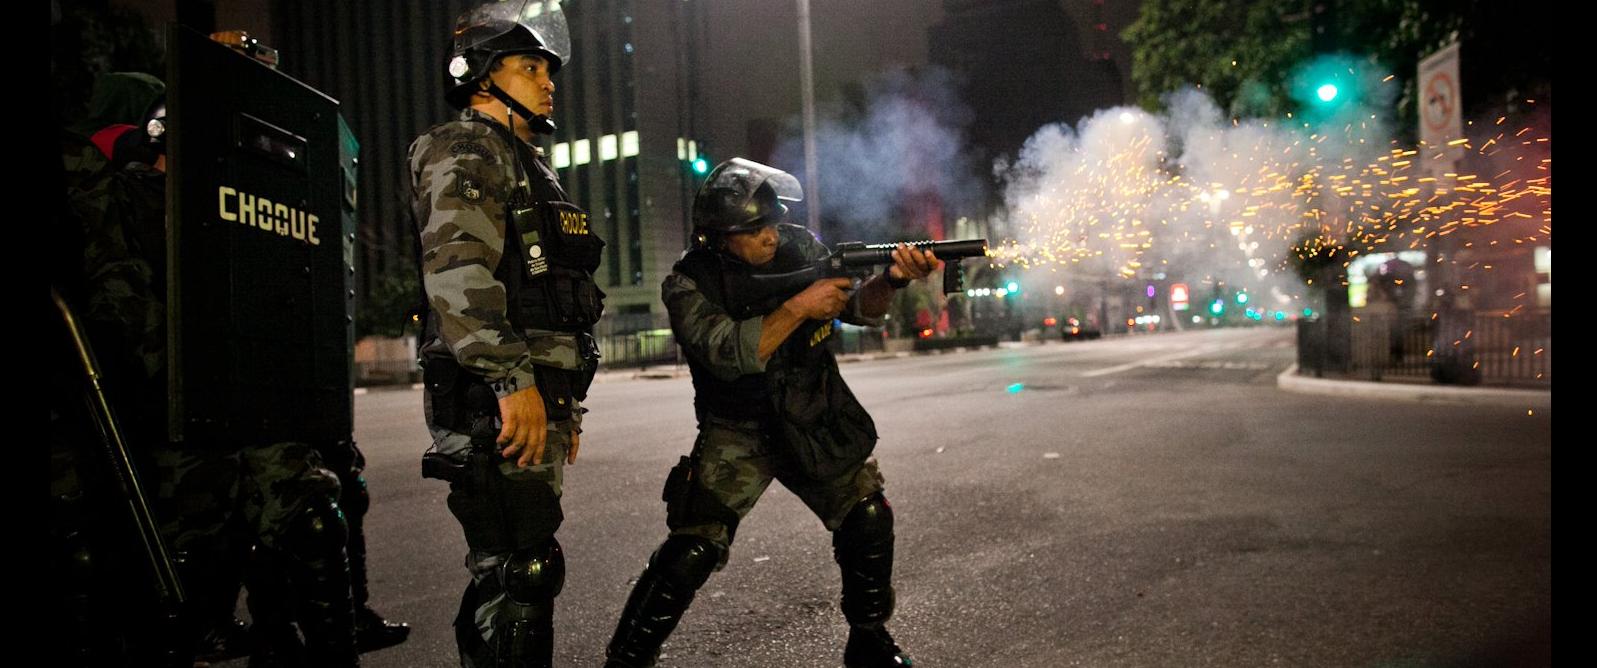 Agência Pública e Conectas abrem inscrição para bolsa de reportagem sobre violência policial